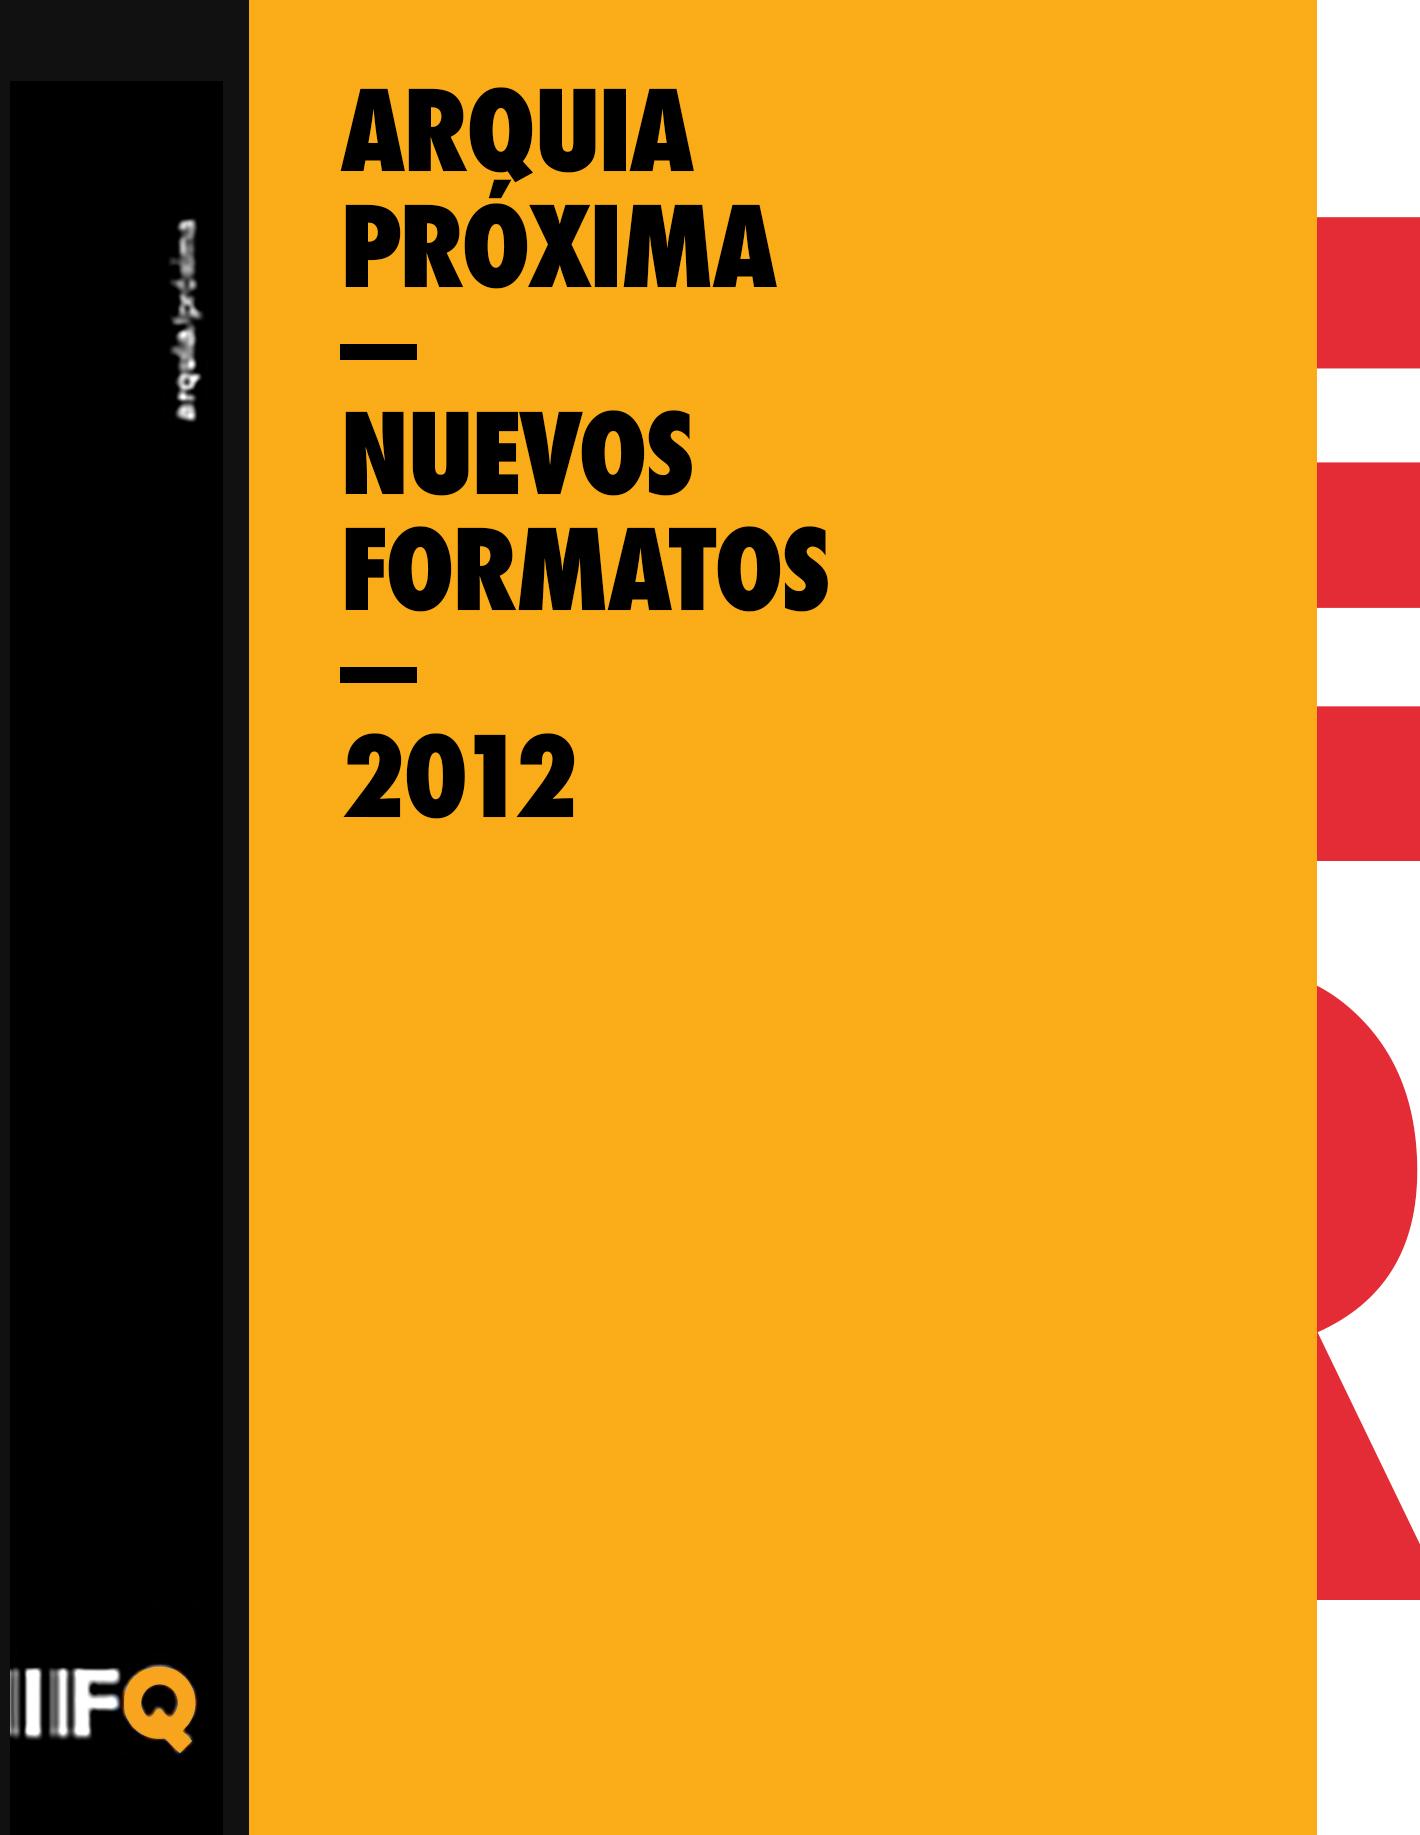 arquia proxima 2012, Nuevos formatos